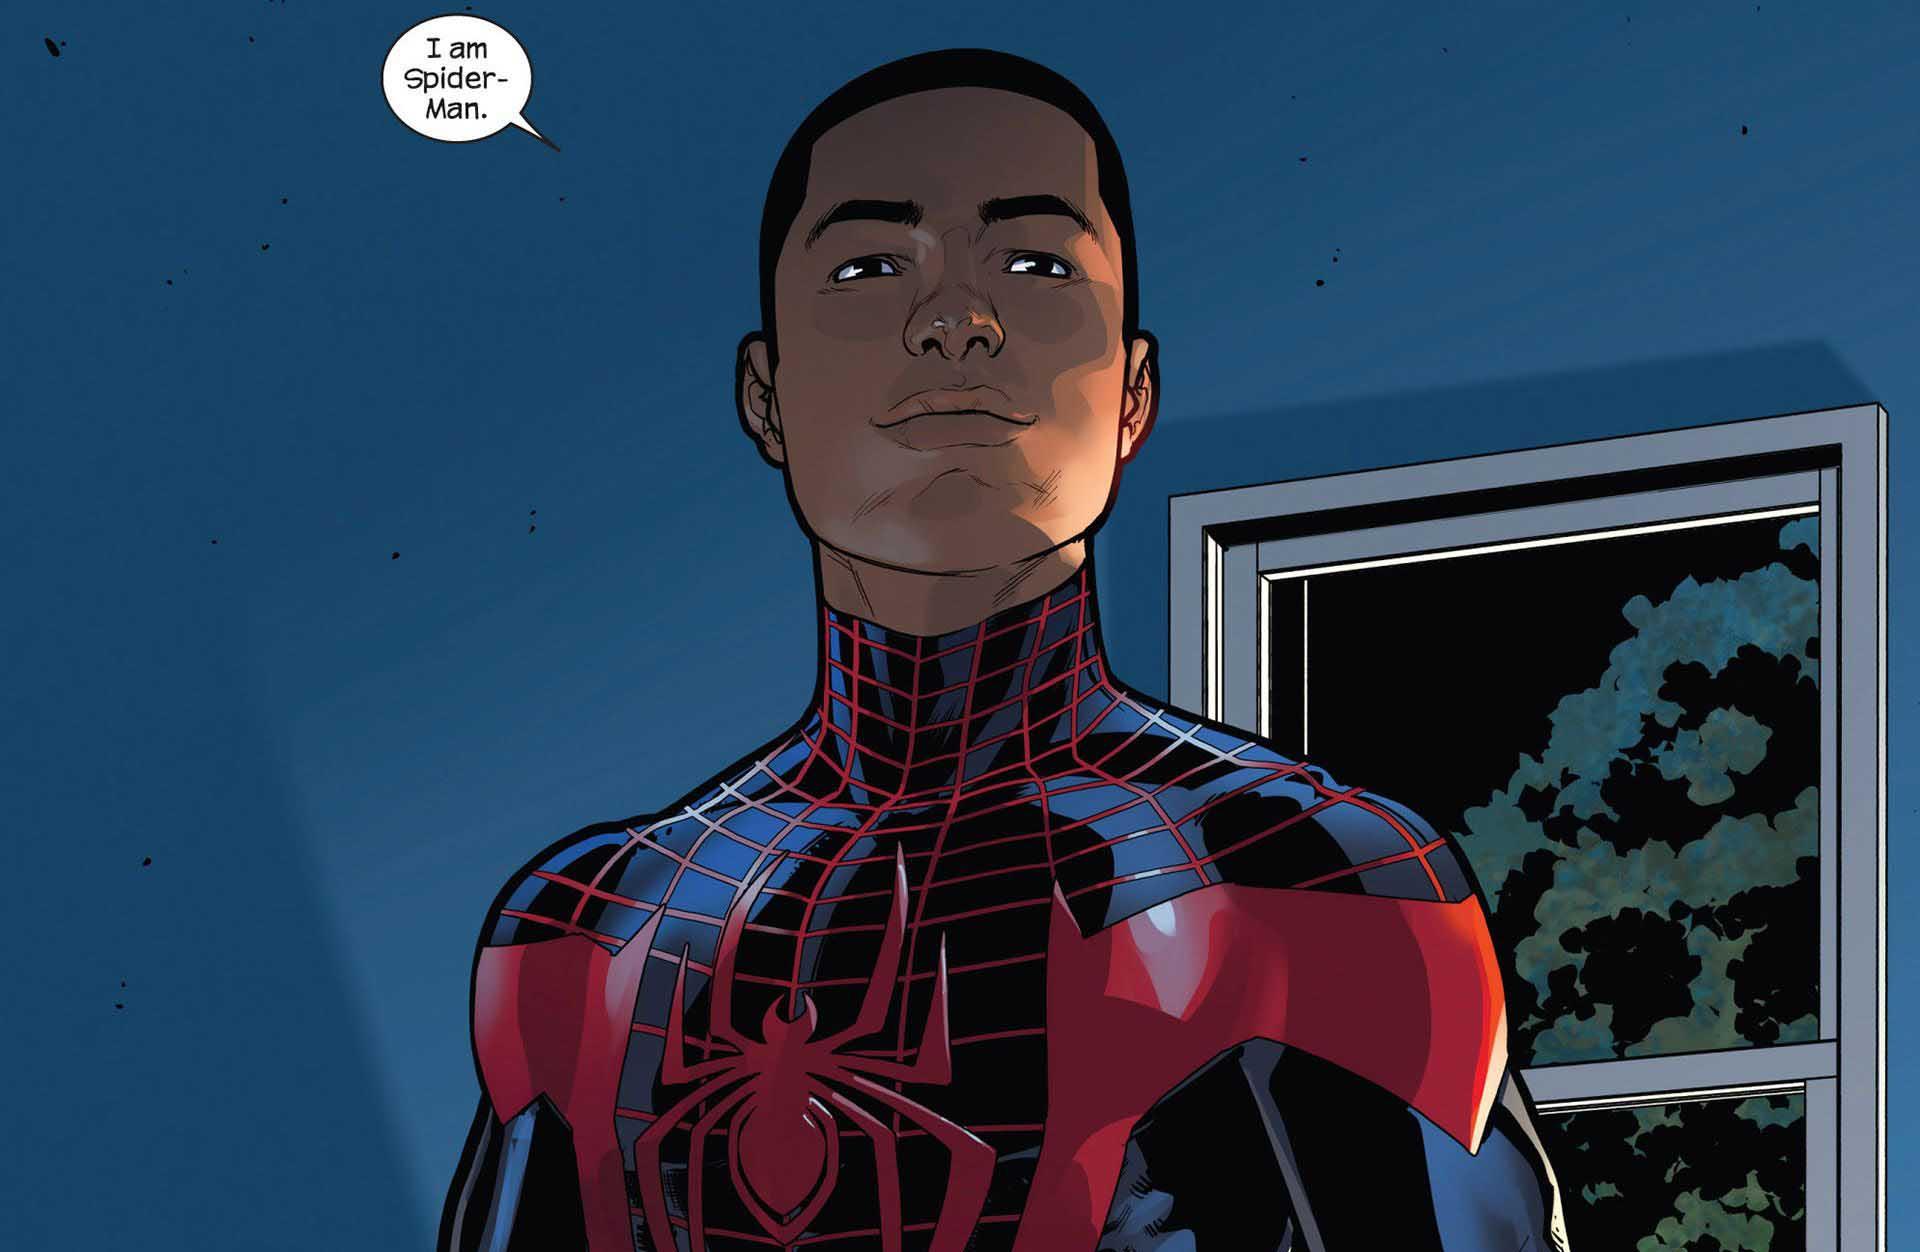 Top 5 Marvel diverse superheroes heroes Miles Morales Spider-Man diversity